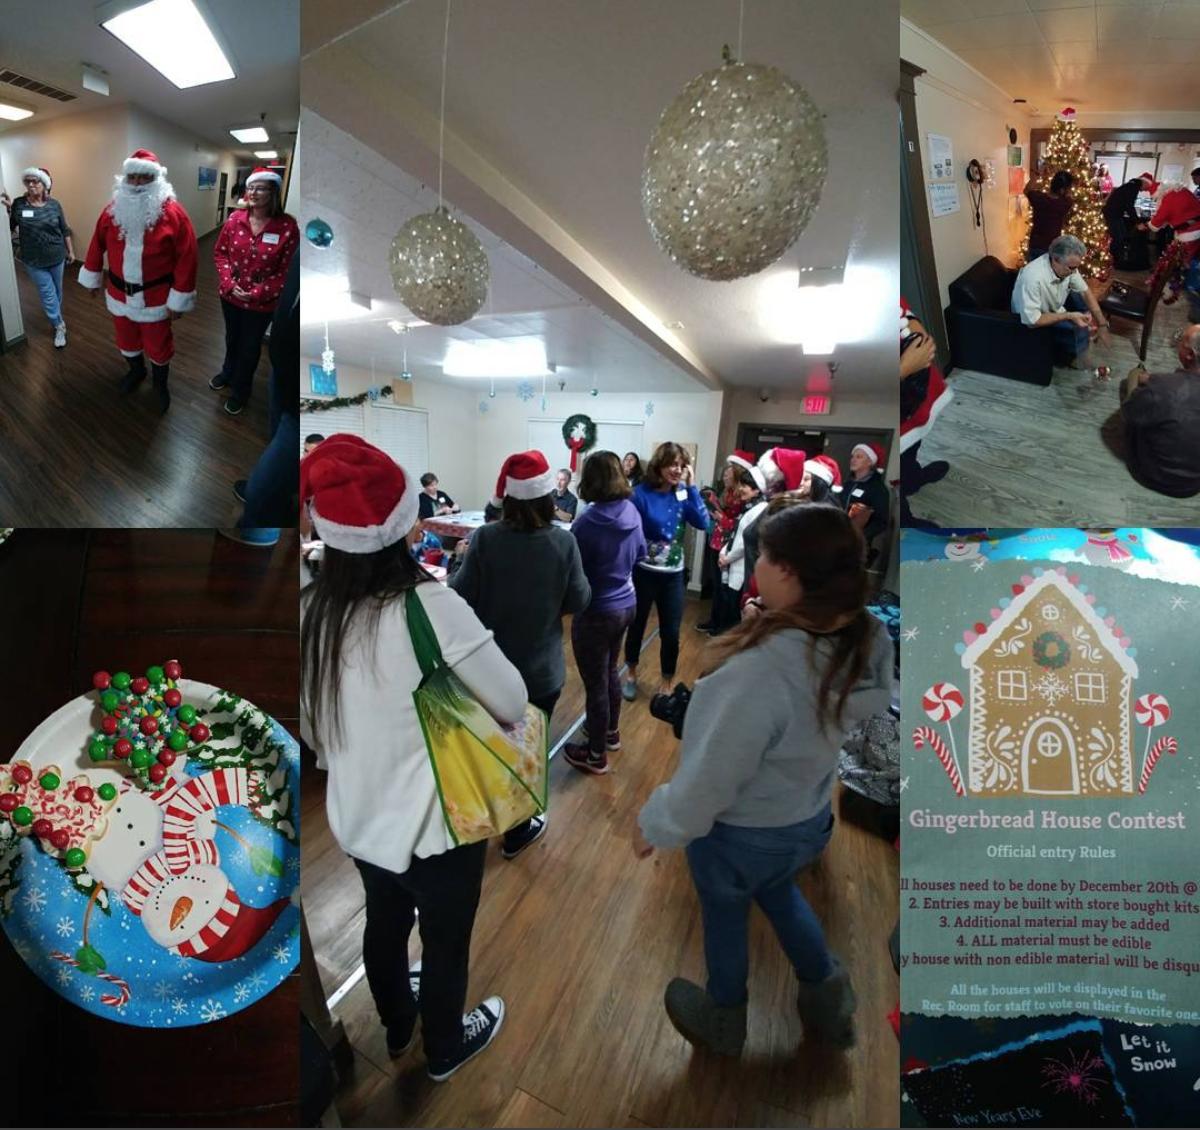 克里坦頓兒童家庭服務中心不僅吃得好、穿得暖,平時還有各類活動,豐富生活。圖為中心聖誕活動。(取材自Crittenton)